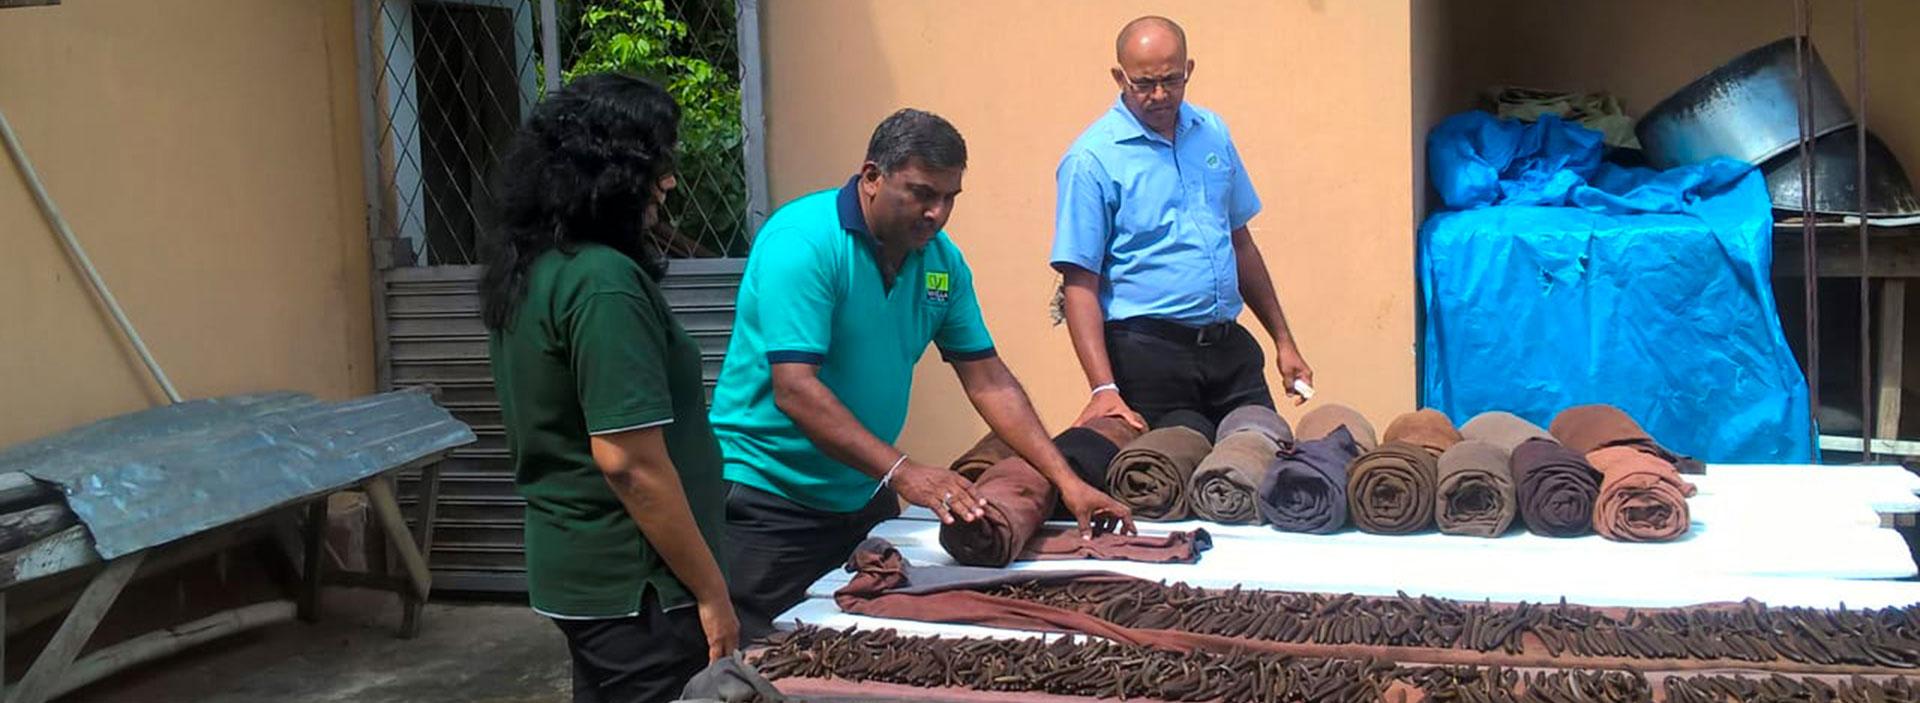 Providing technical assistance to Sri Lankan vanilla farmers